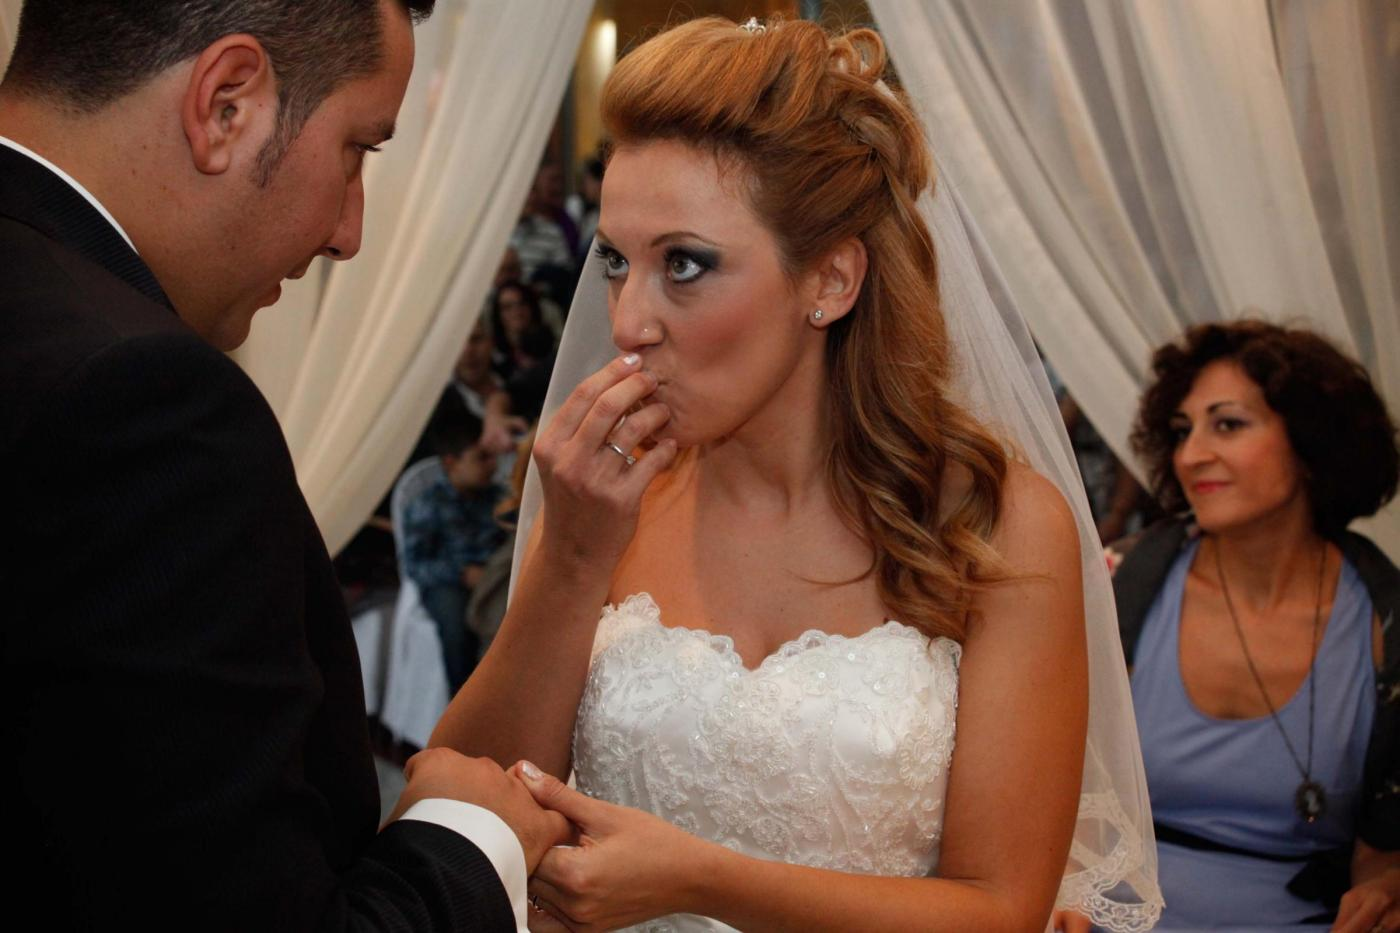 Si sposano nel centro commerciale del primo incontro: è la prima volta in Italia02